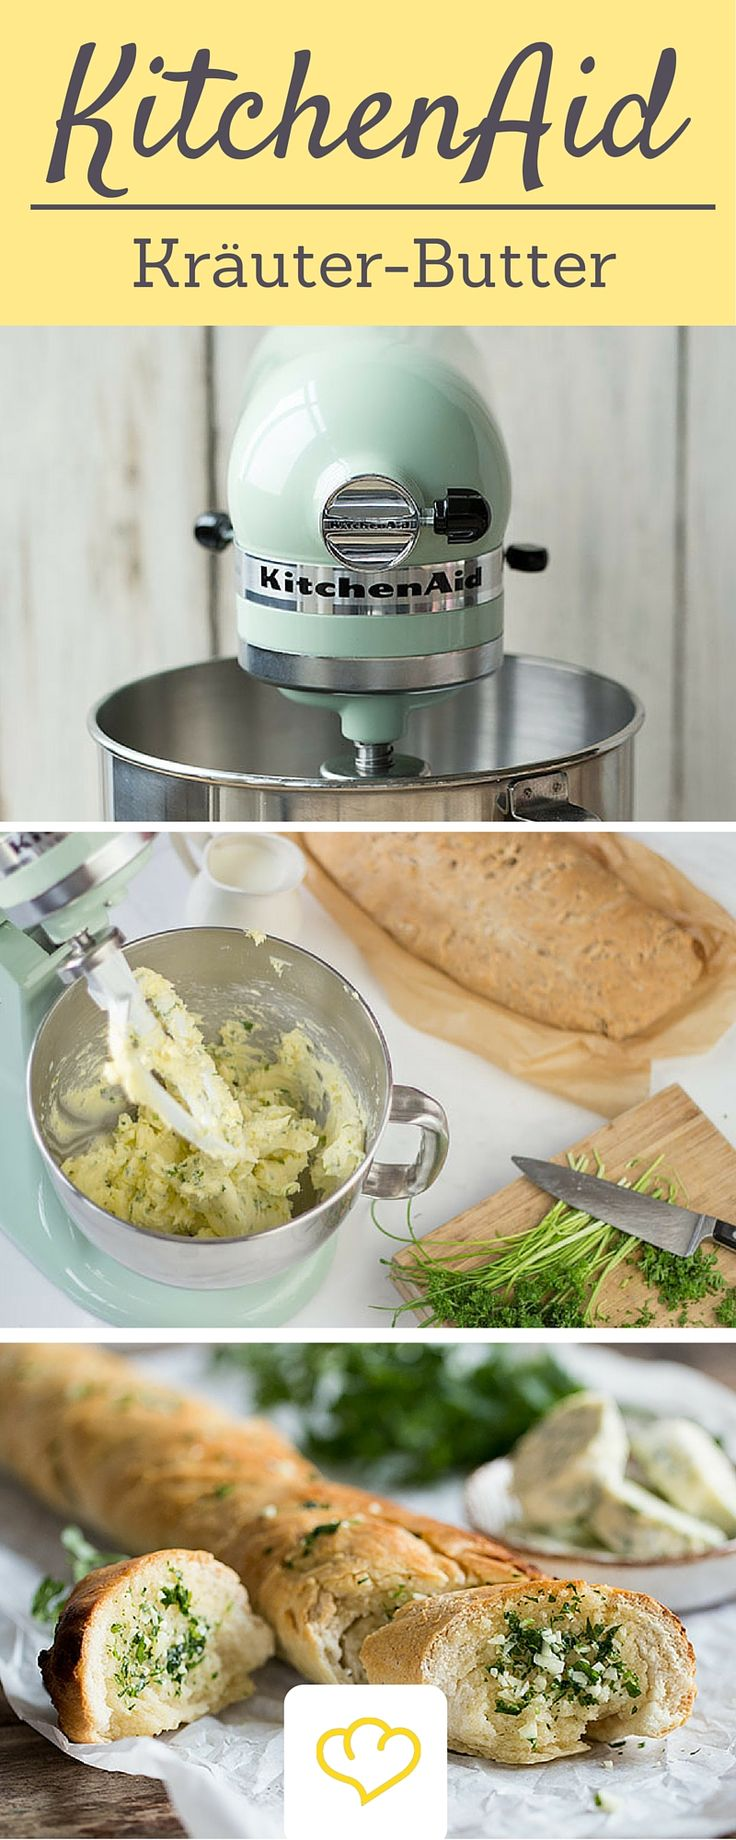 Auch zum Kräuterbutter machen ist die KitchenAid perfekt!